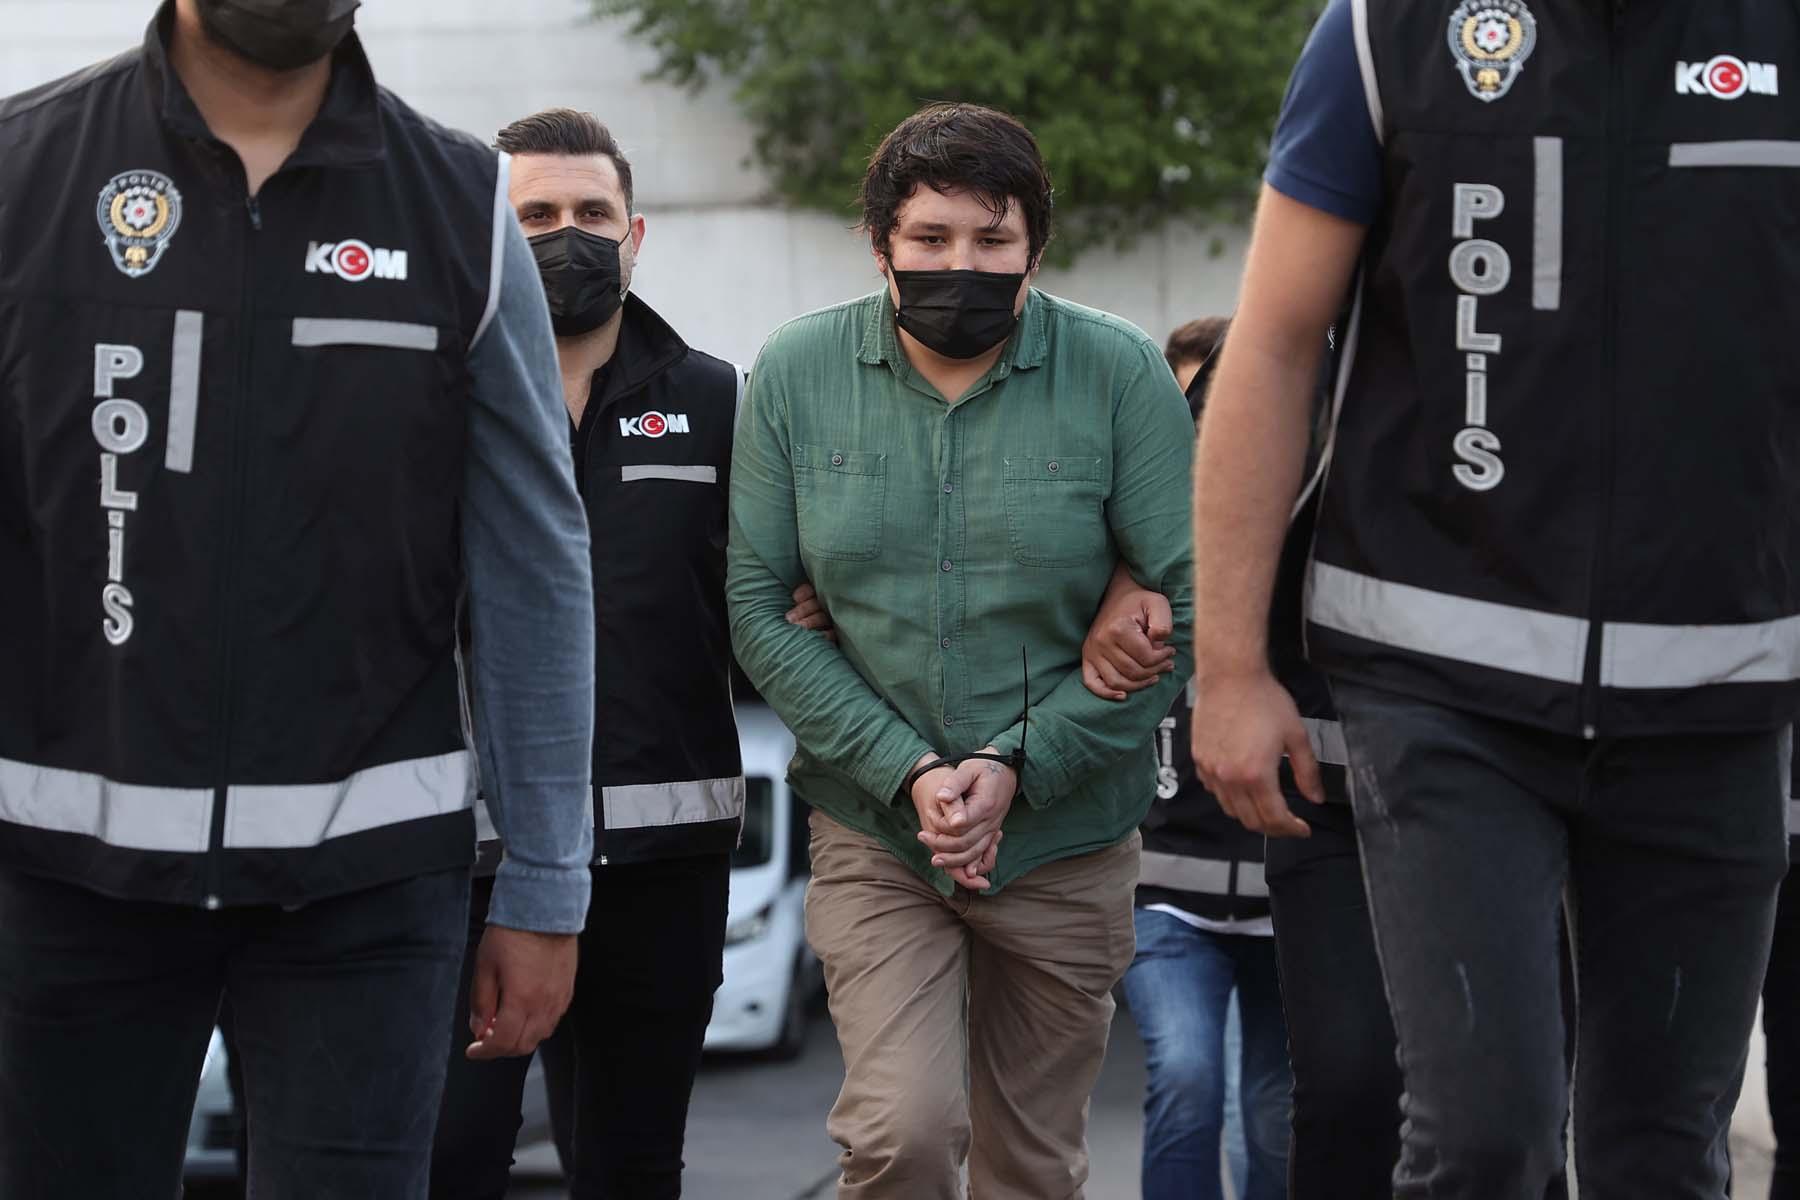 Çiftlik Bank'ın kurucusu Tosuncuk Mehmet Aydın'ın ilk ifadesi ortaya çıktı!